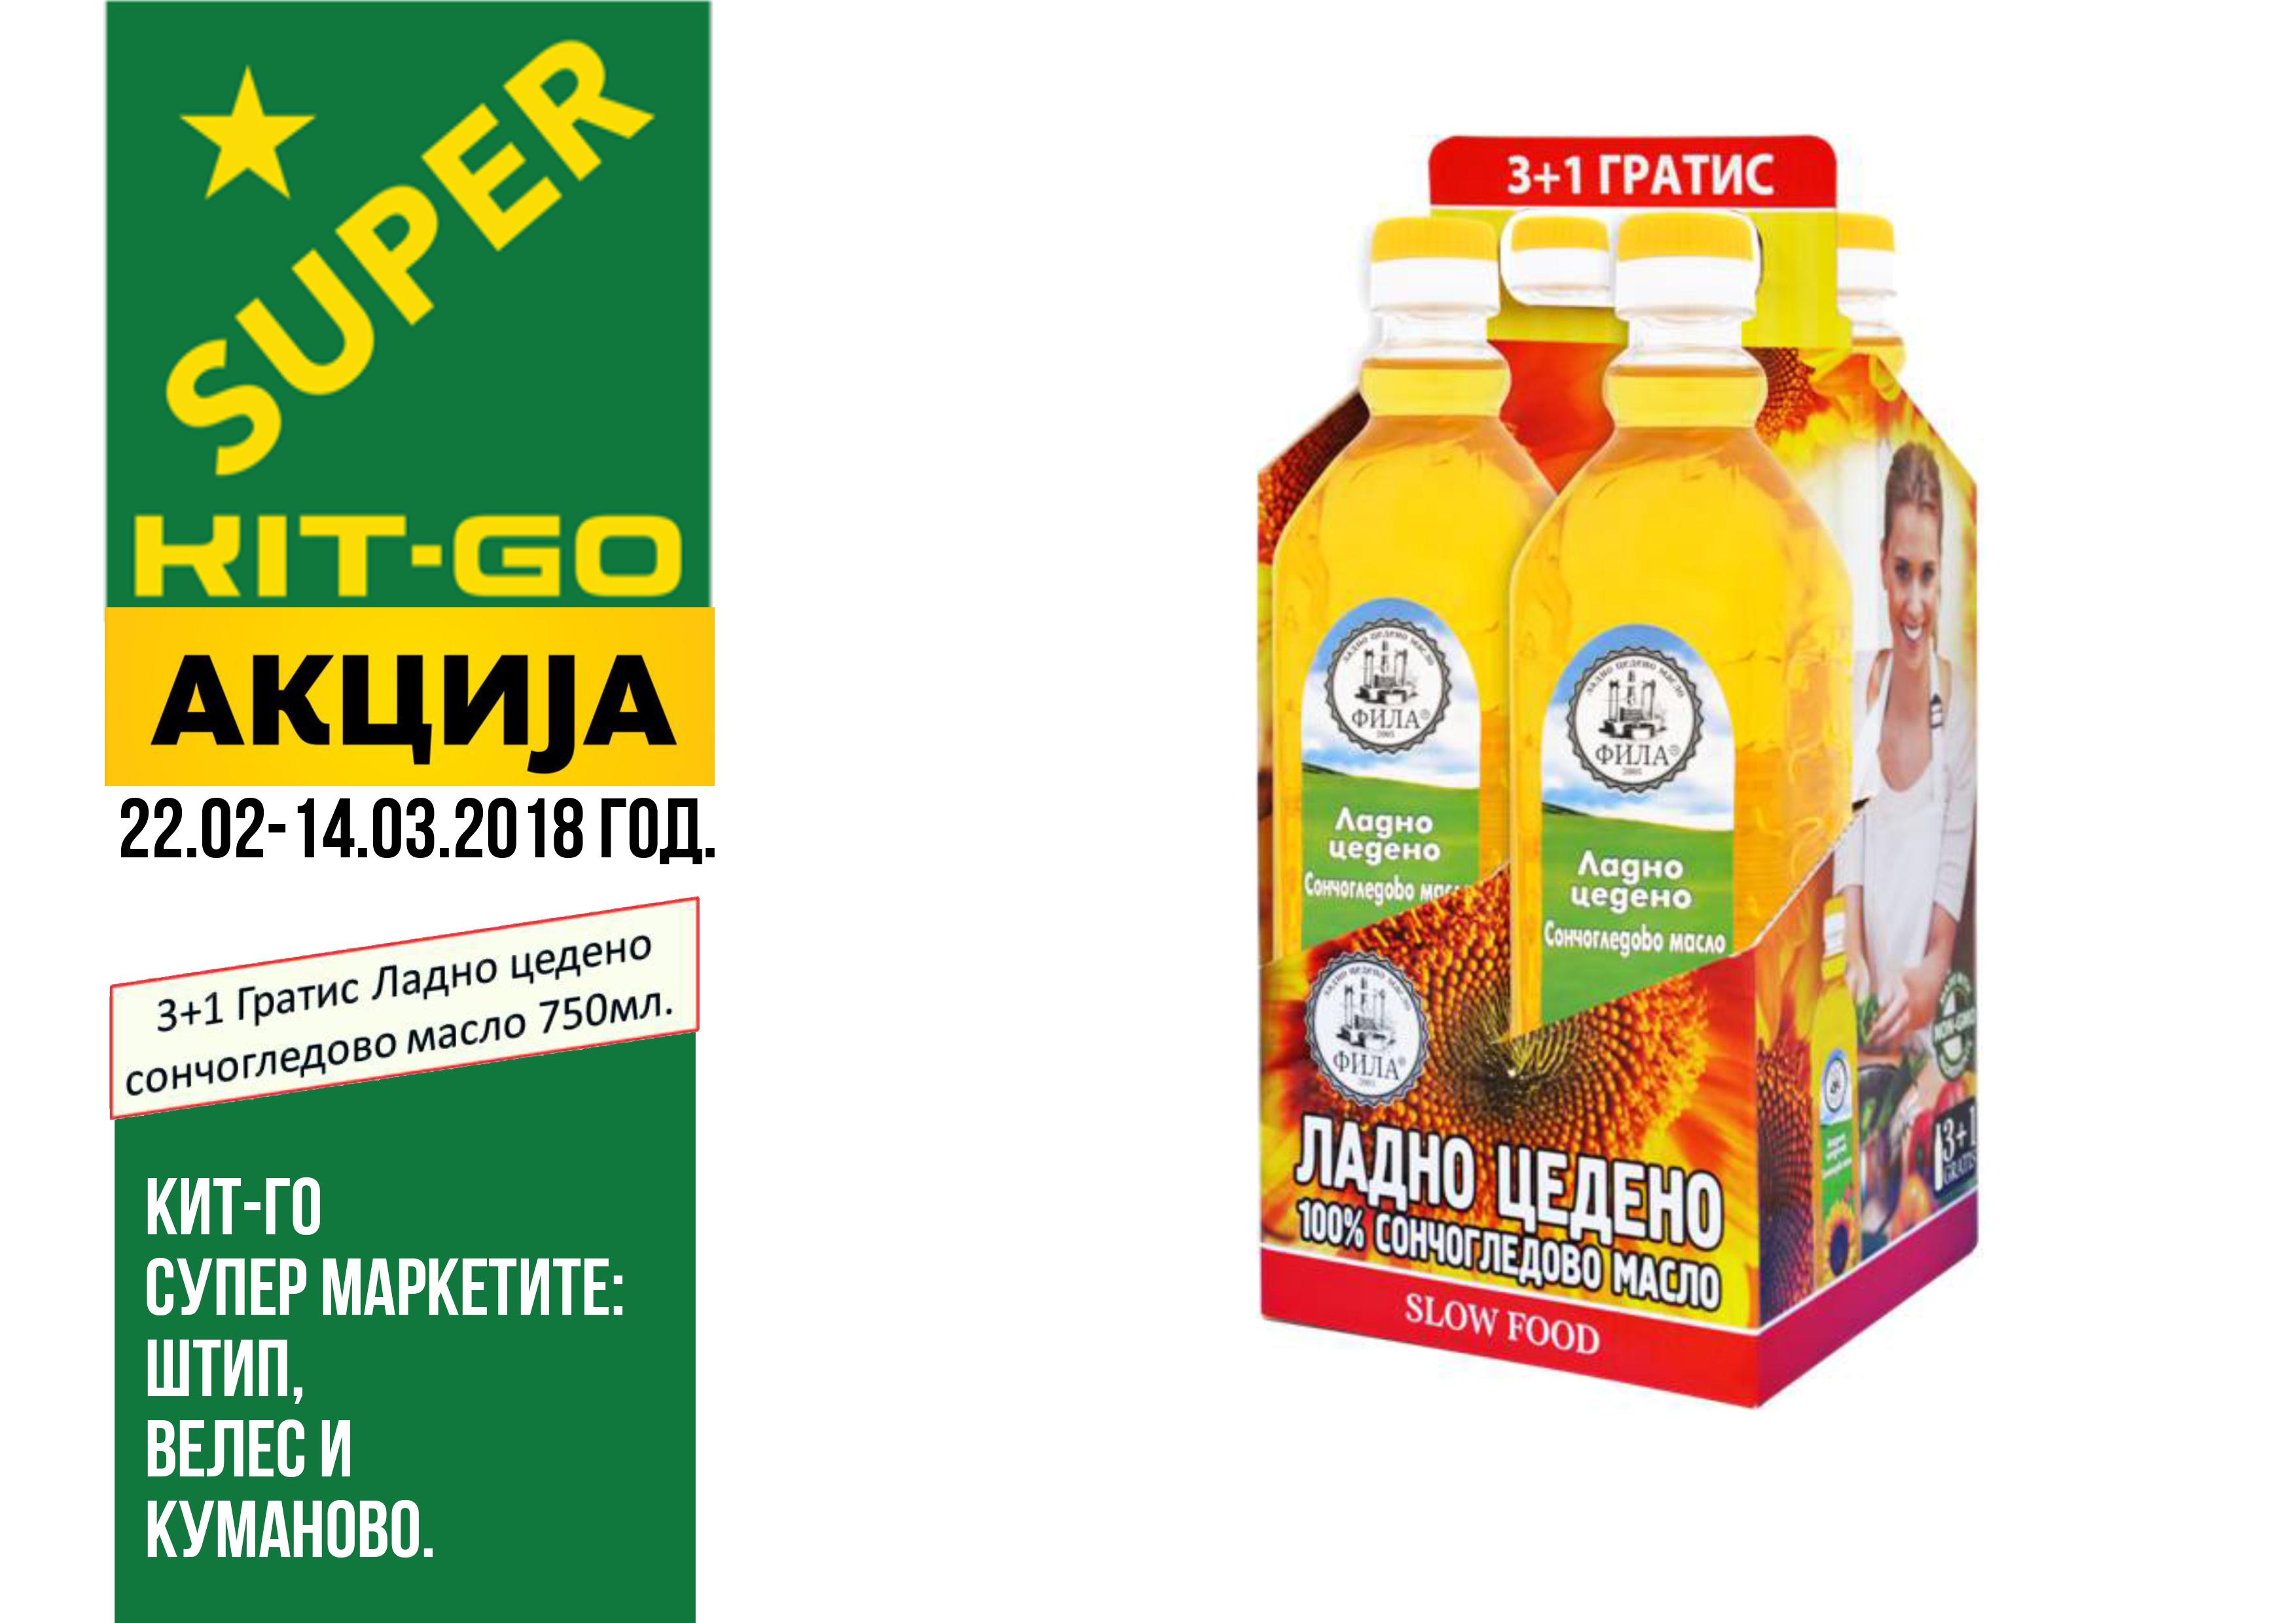 Акција во КИТ-ГО СУПЕР маркетите во Штип, Велес и Куманово.